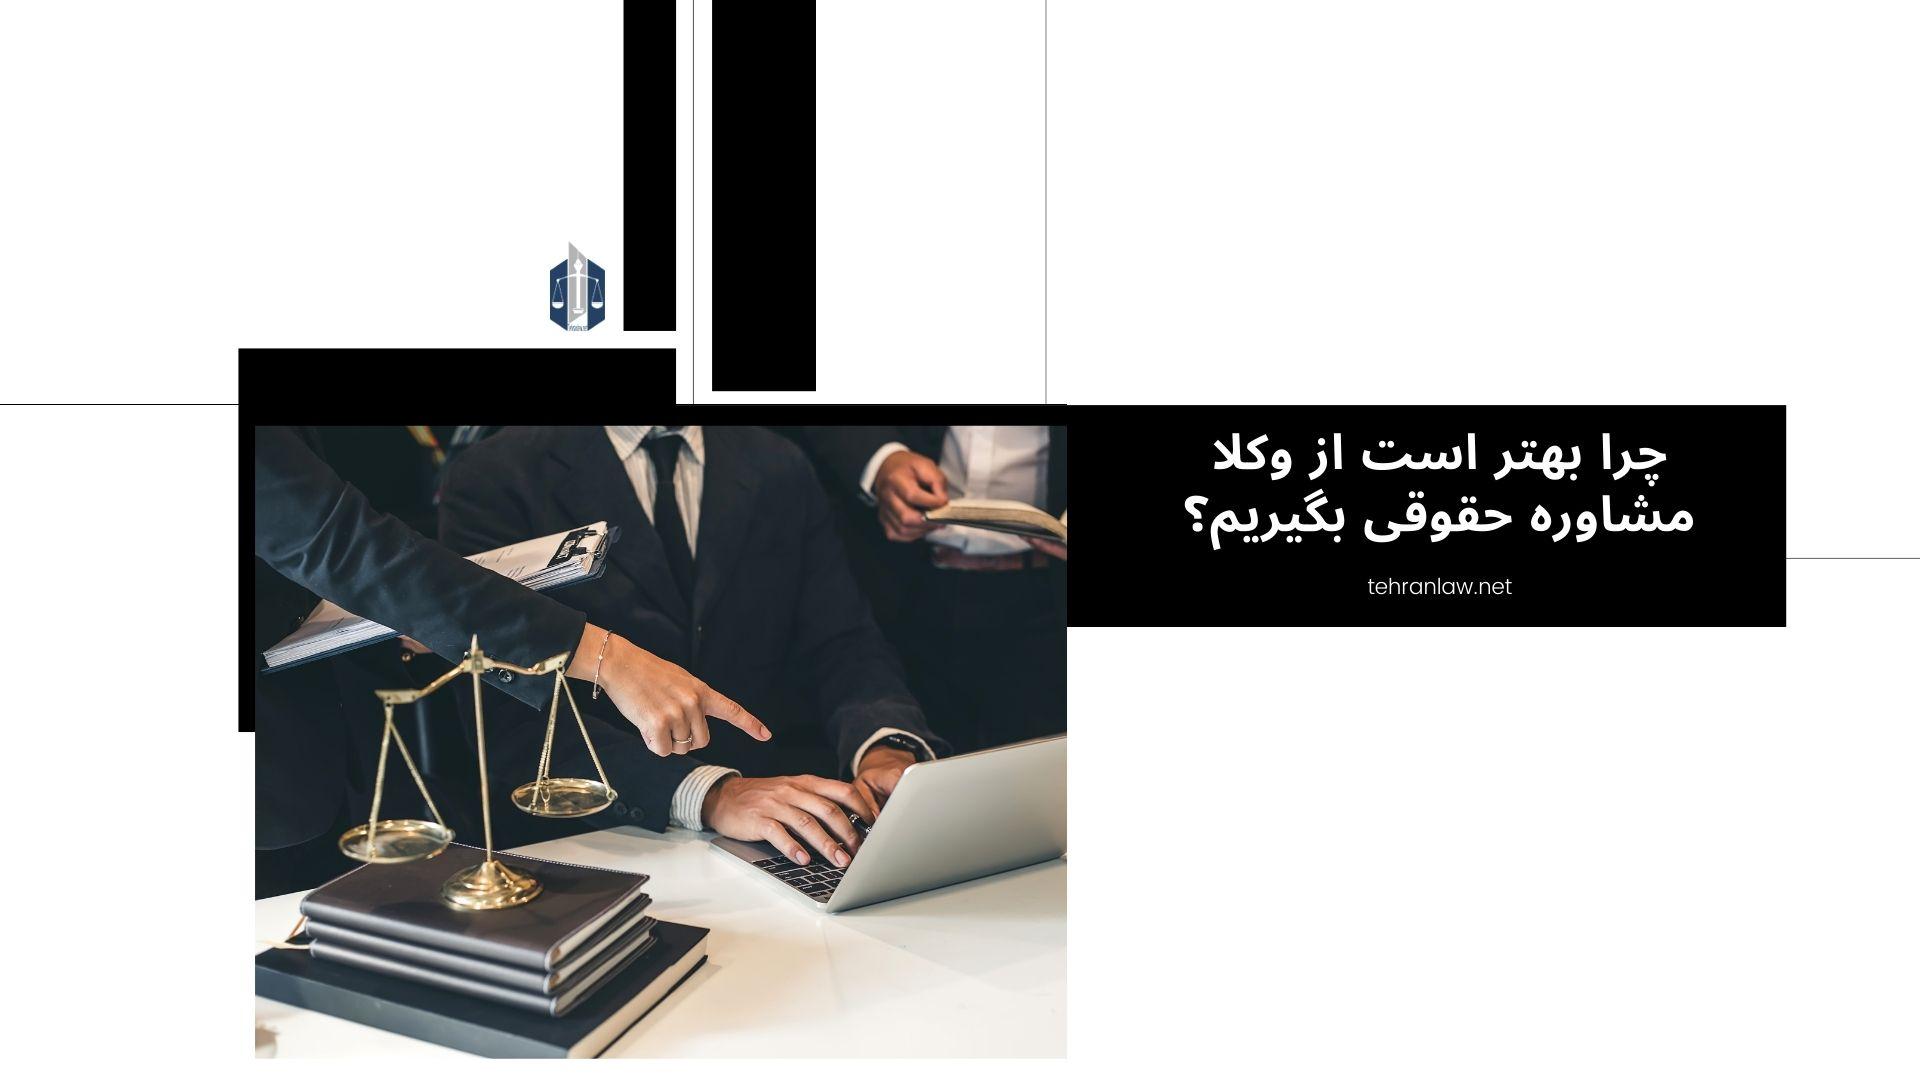 چرا بهتر است از وکلا مشاوره حقوقی بگیریم؟